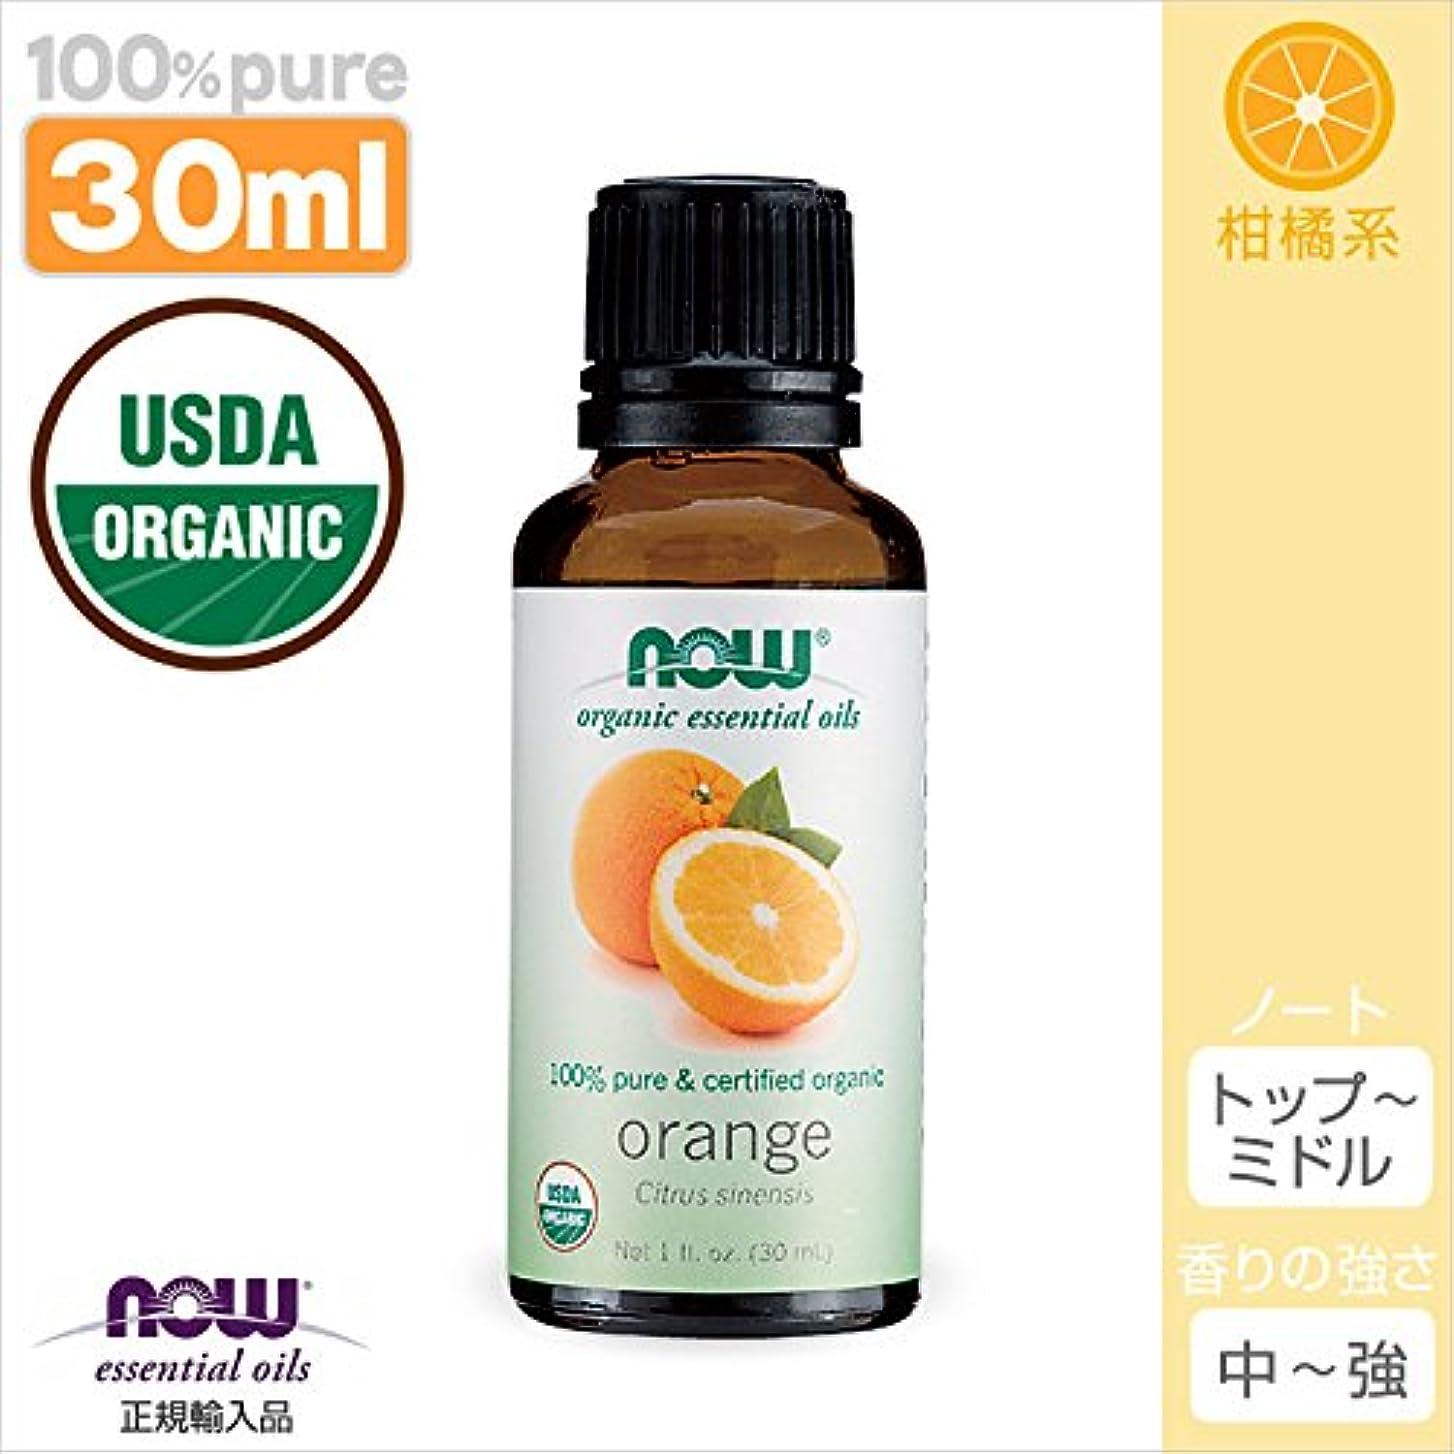 資格情報リテラシーバズオレンジ精油オーガニック[30ml] 【正規輸入品】 NOWエッセンシャルオイル(アロマオイル)